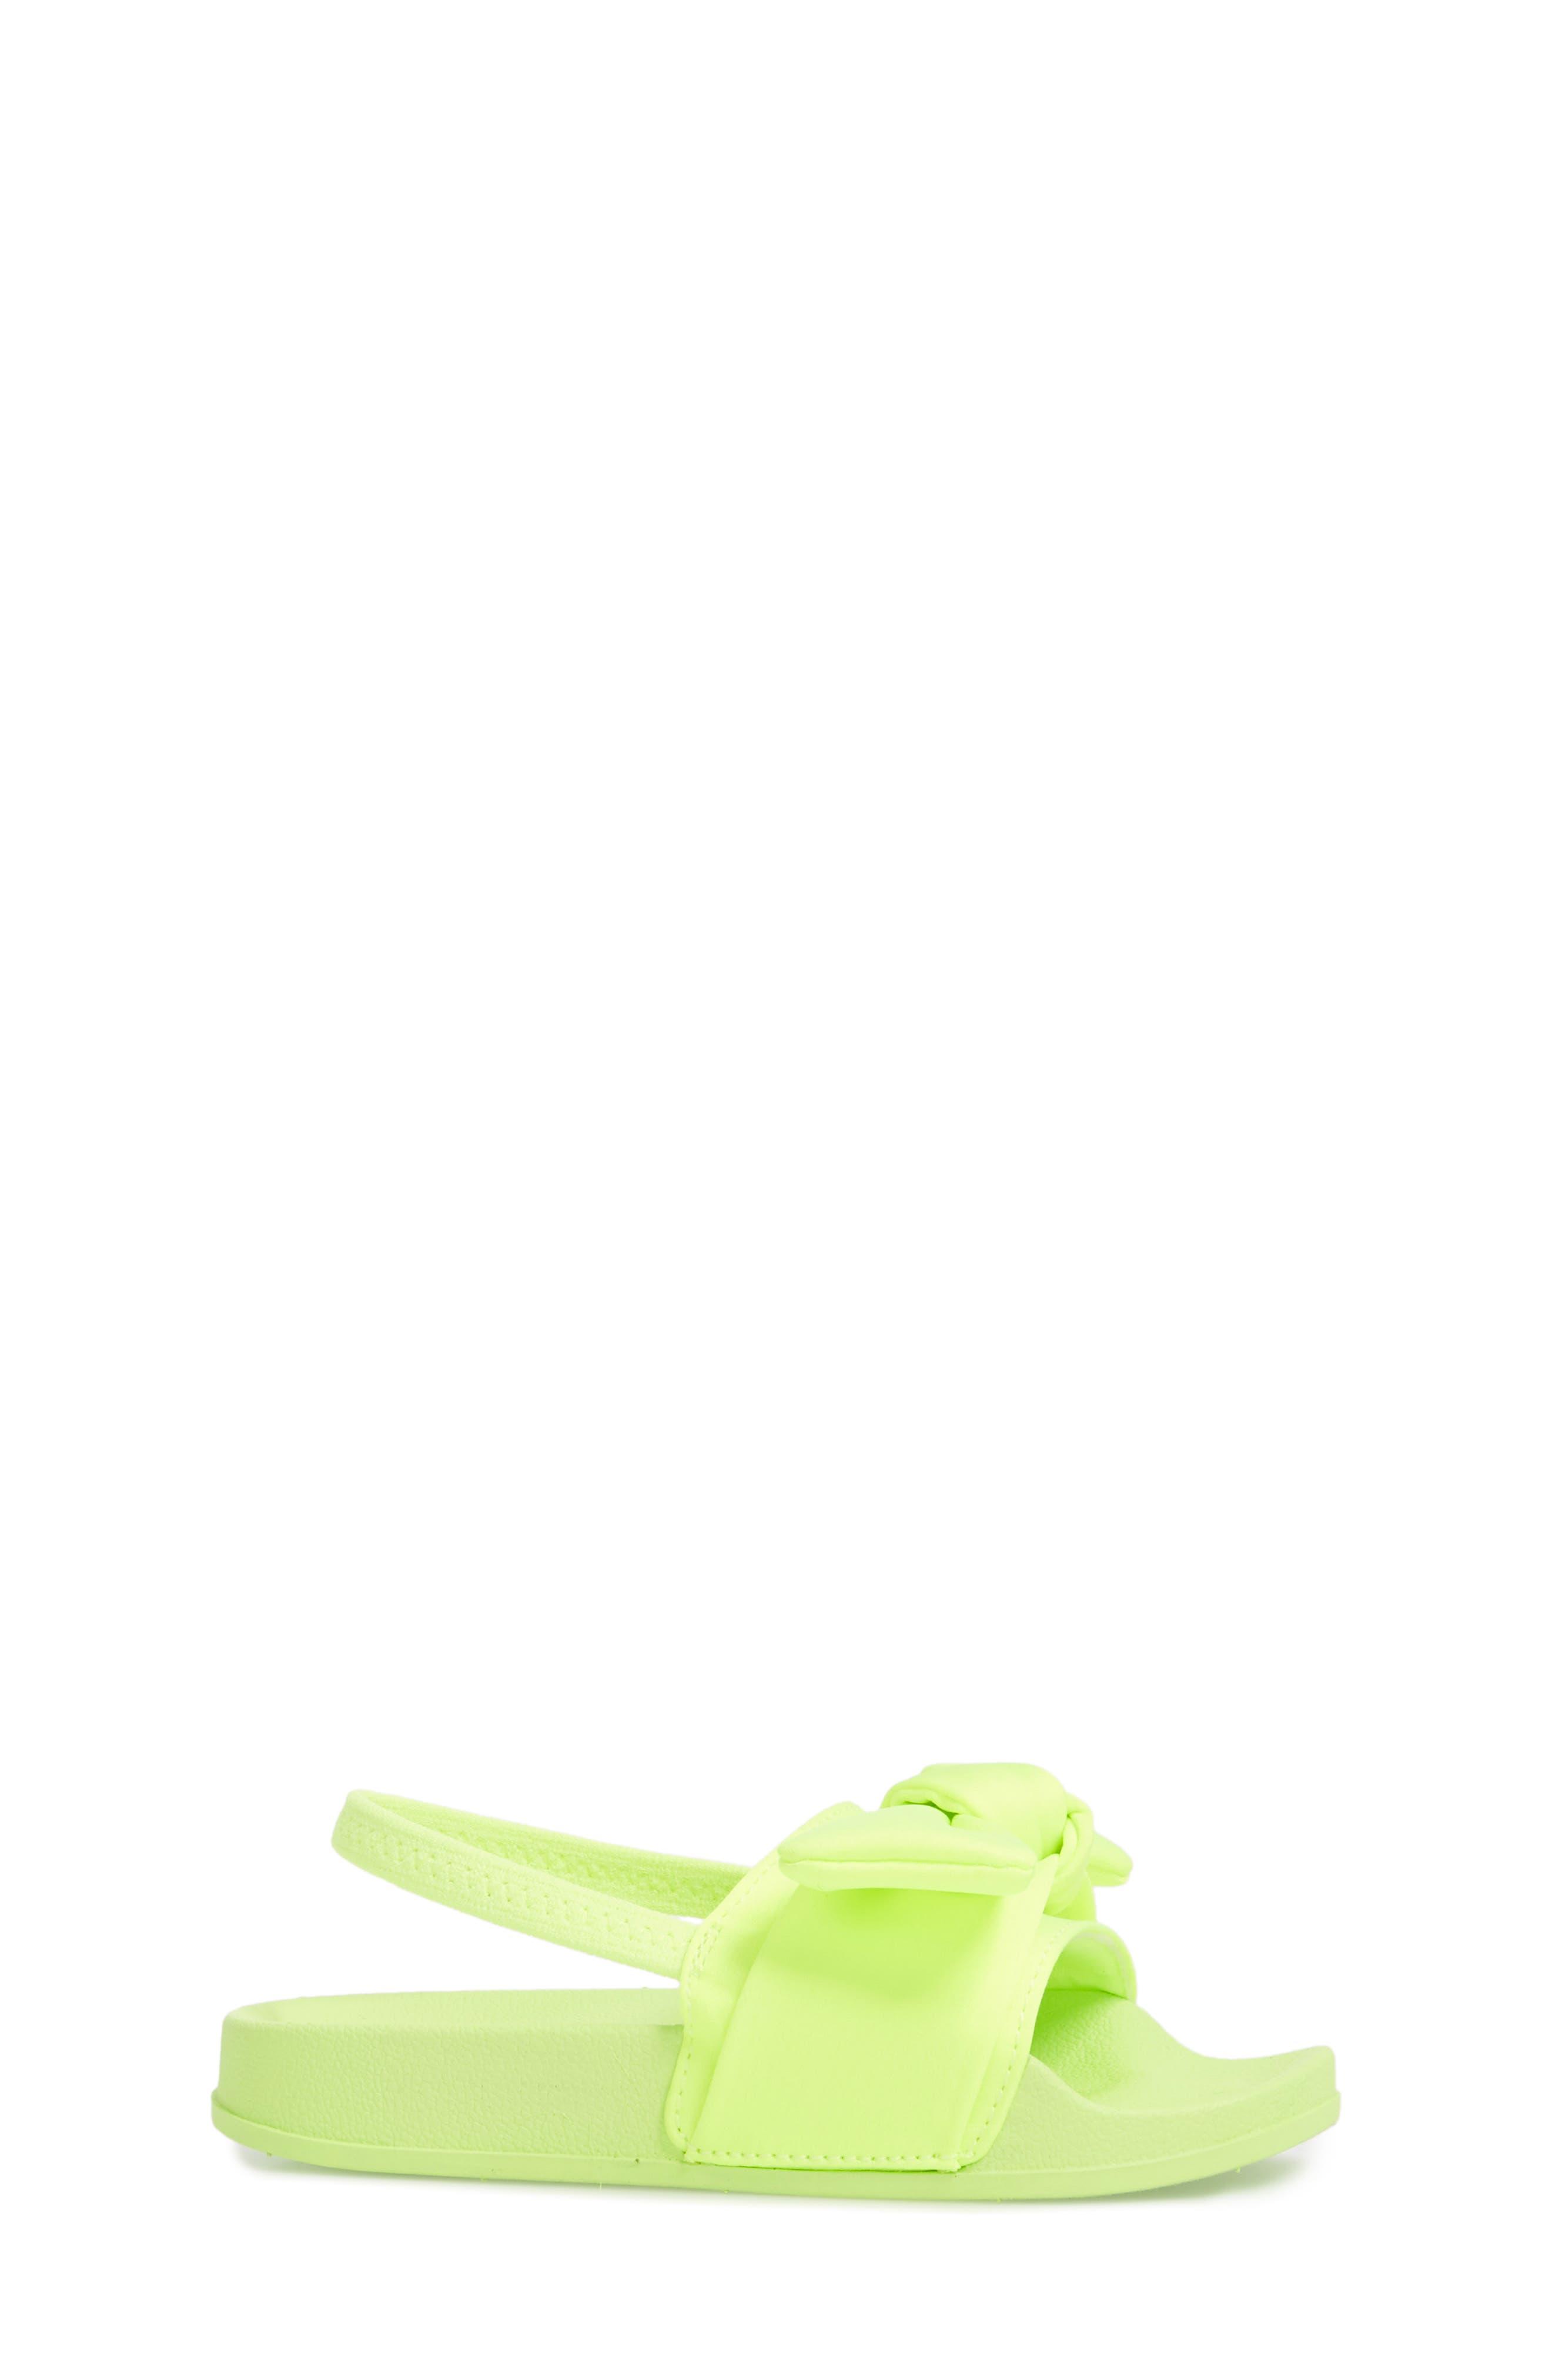 Tsilky Knotted Slide Sandal,                             Alternate thumbnail 3, color,                             Citron